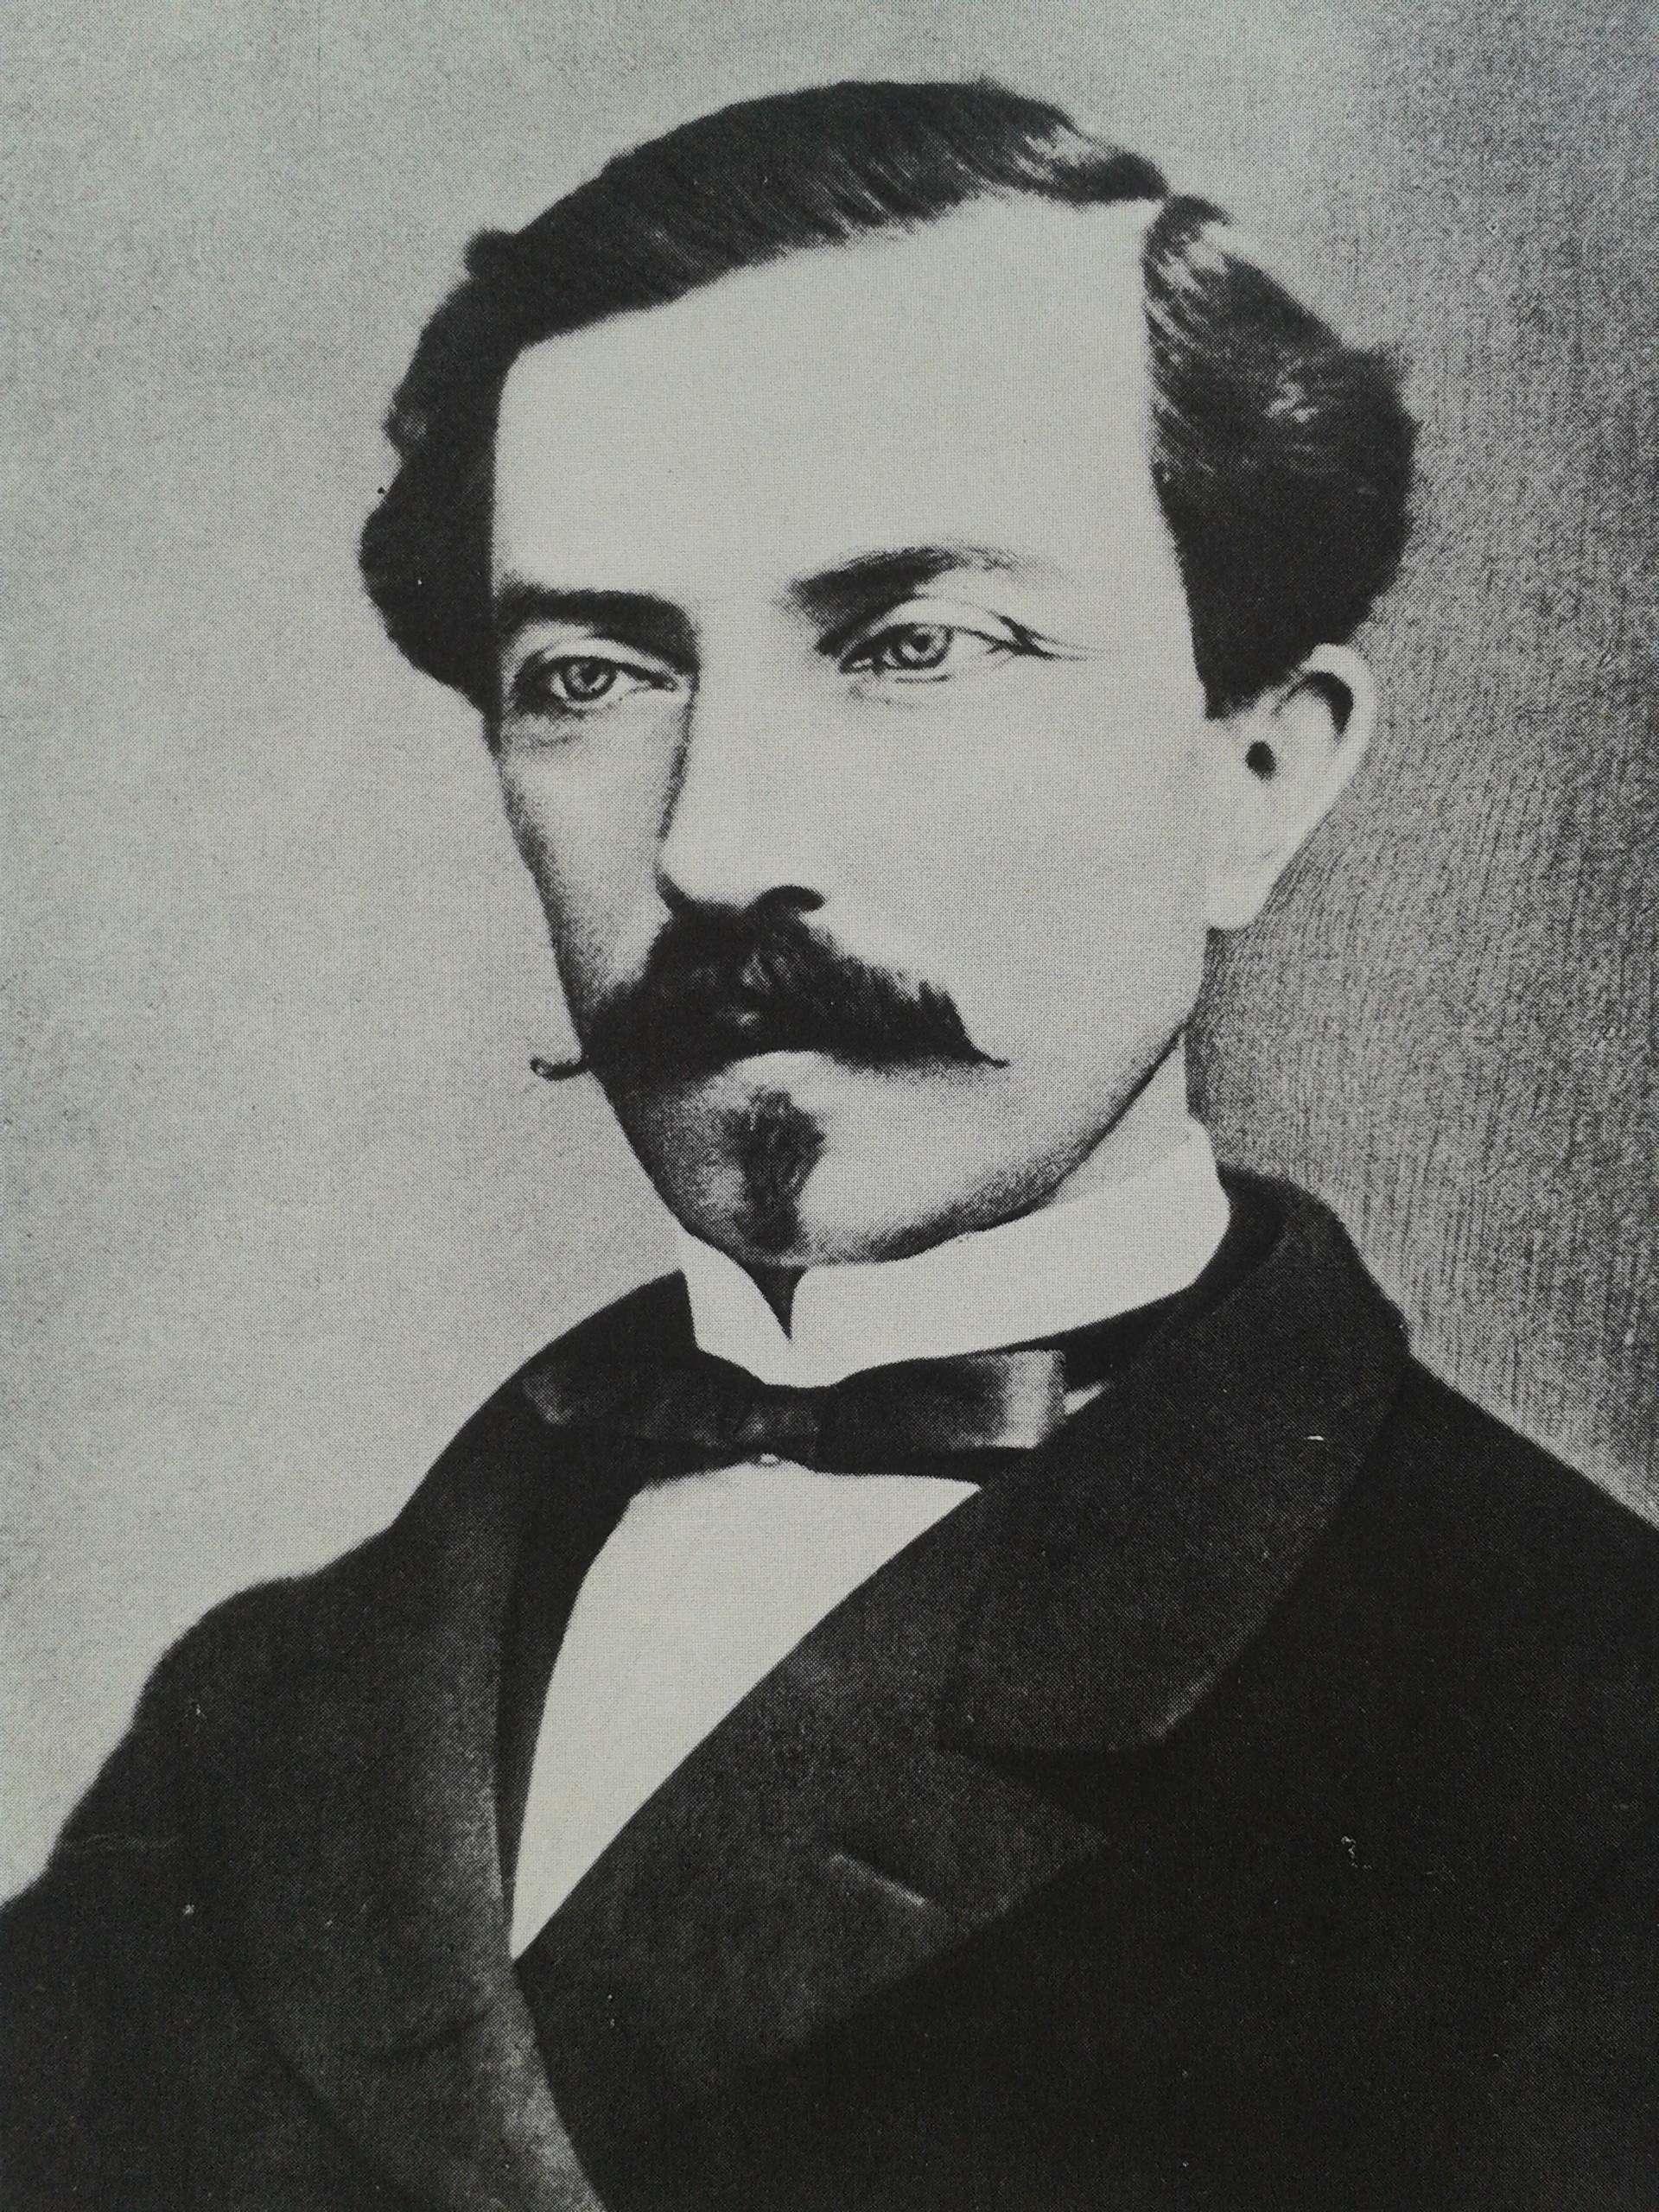 Ο Επαμεινώνδας Δεληγεώργης (1829-14 Μαΐου 1879) ήταν Έλληνας πολιτικός που χρημάτισε έξι φορές Πρωθυπουργός της Ελλάδας.